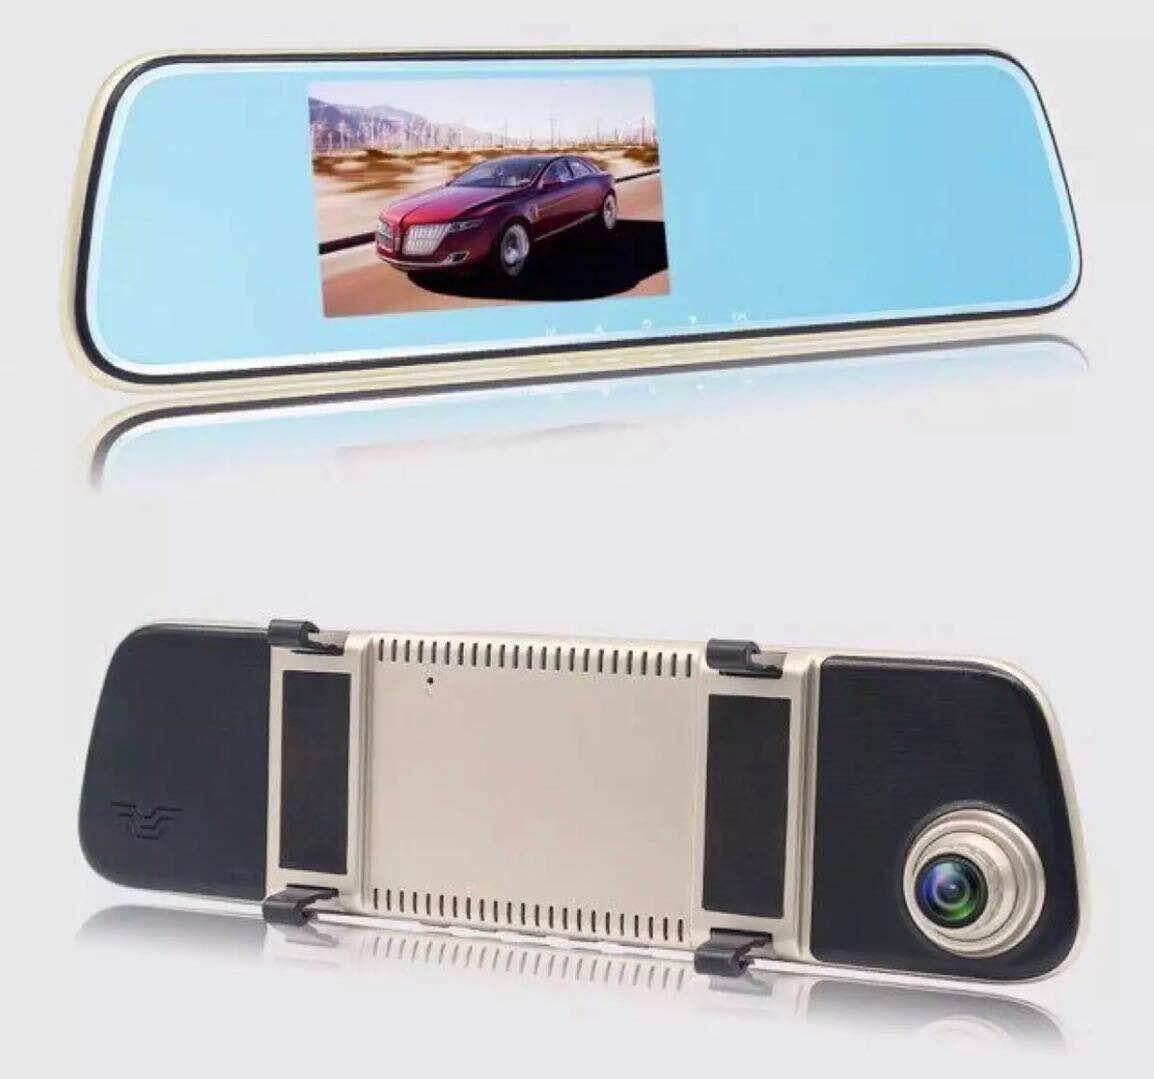 กล้องติดรถยนต์แบบกระจกมองหลังพร้อมกล้องหลัง Car driving record 908T